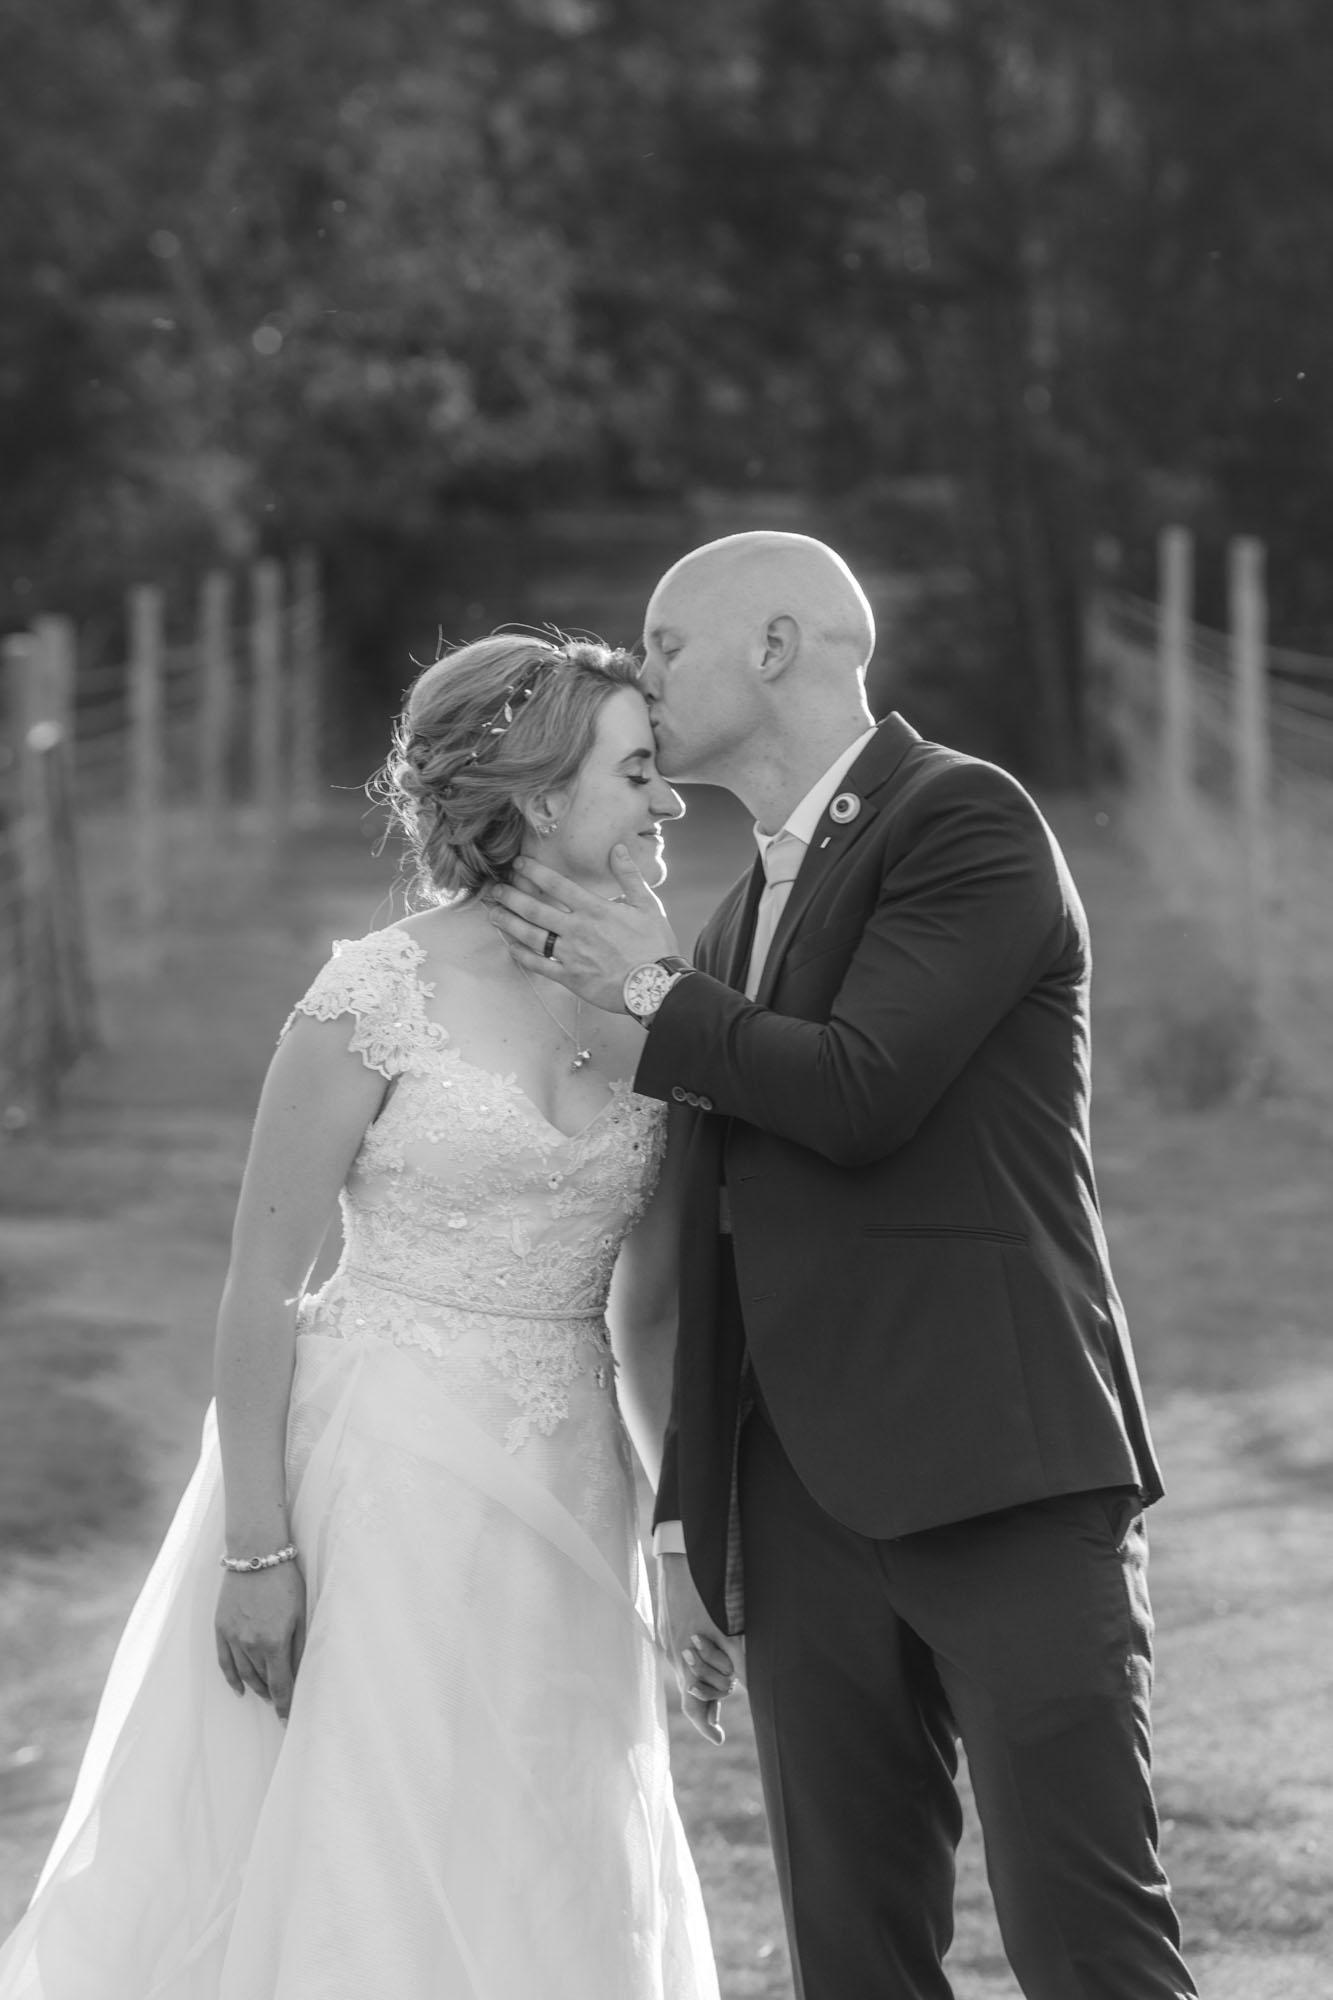 115aaaa-natural-wedding-photographers-johannesburg115aaaa-natural-wedding-photographers-johannesburg_a.jpg